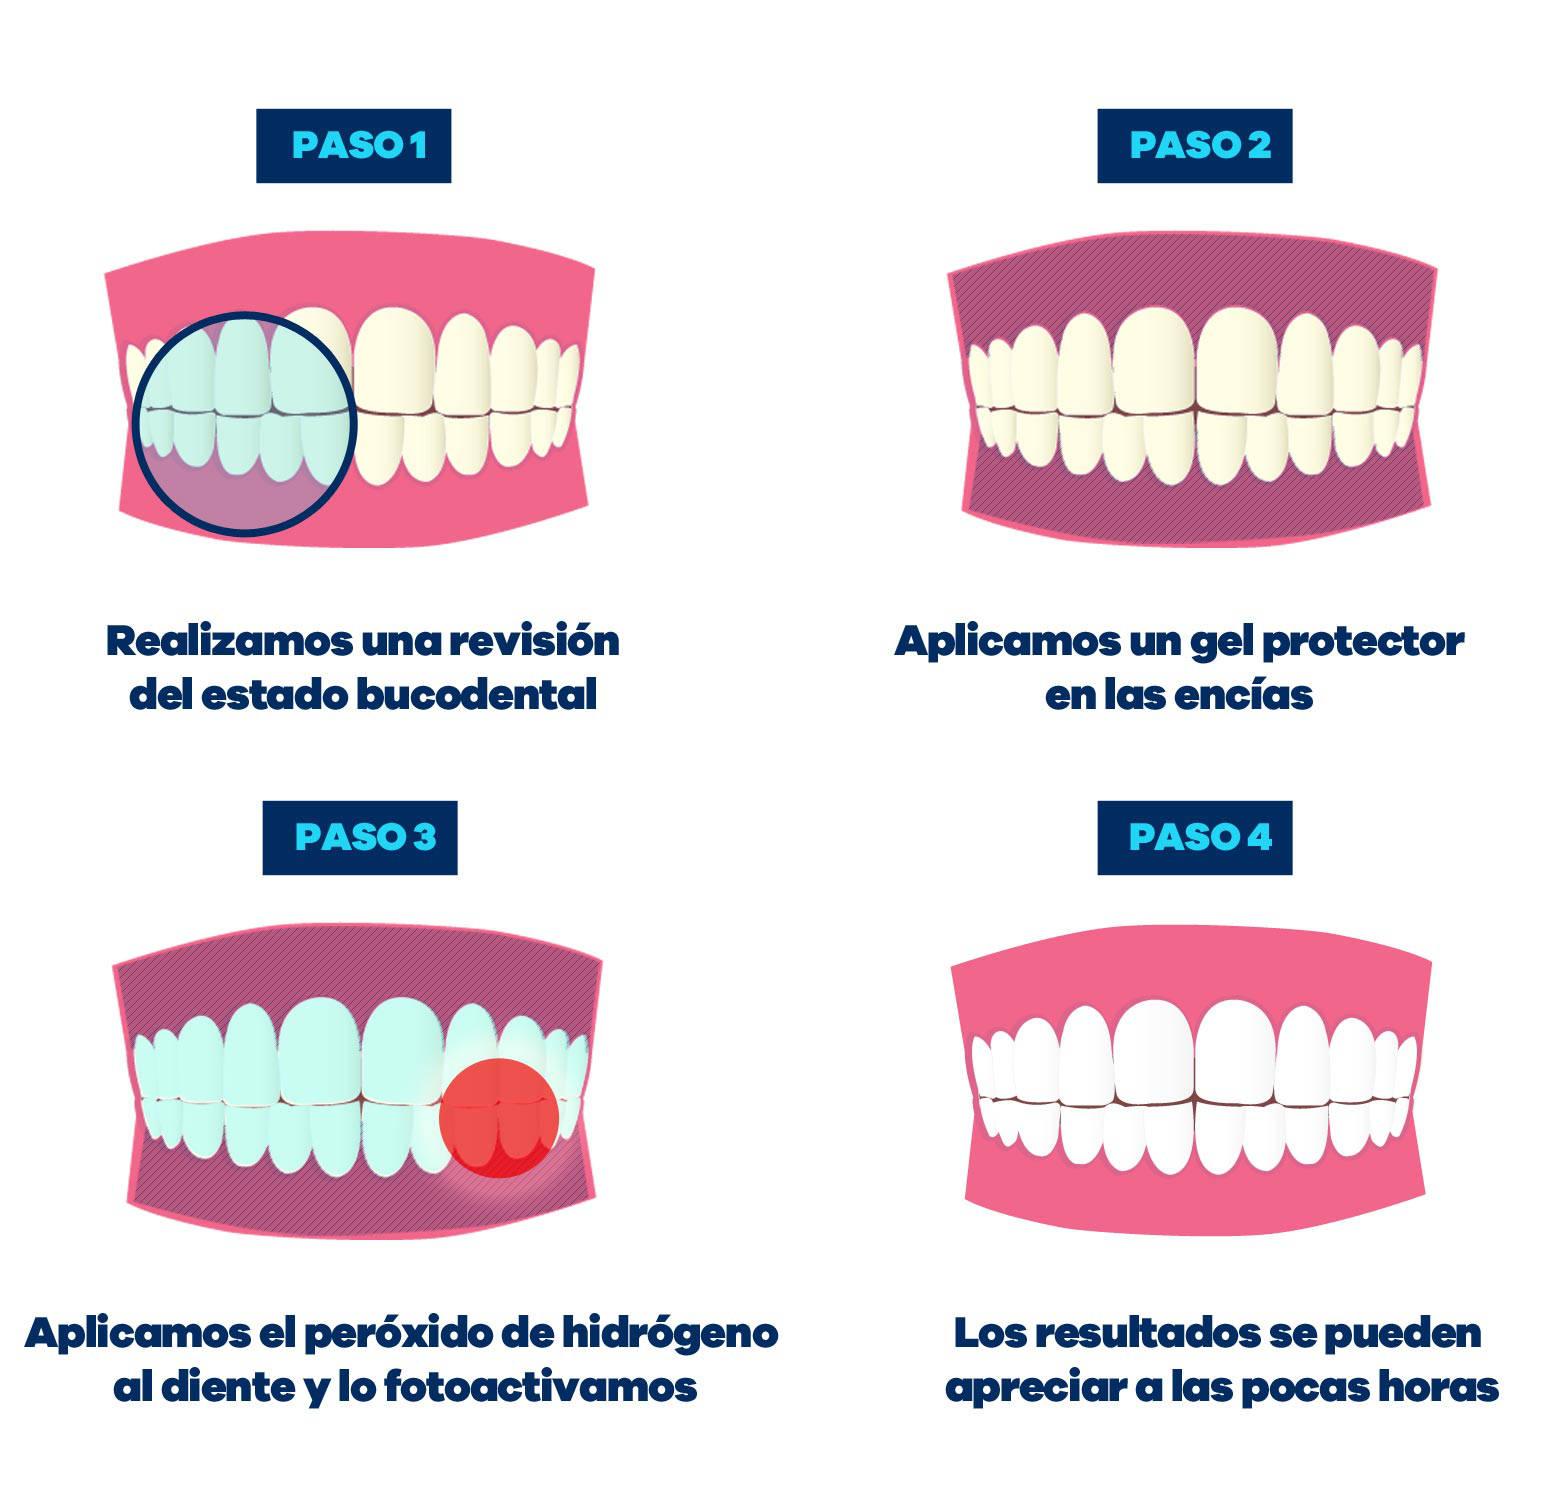 proceso antes del blanqueamiento dental